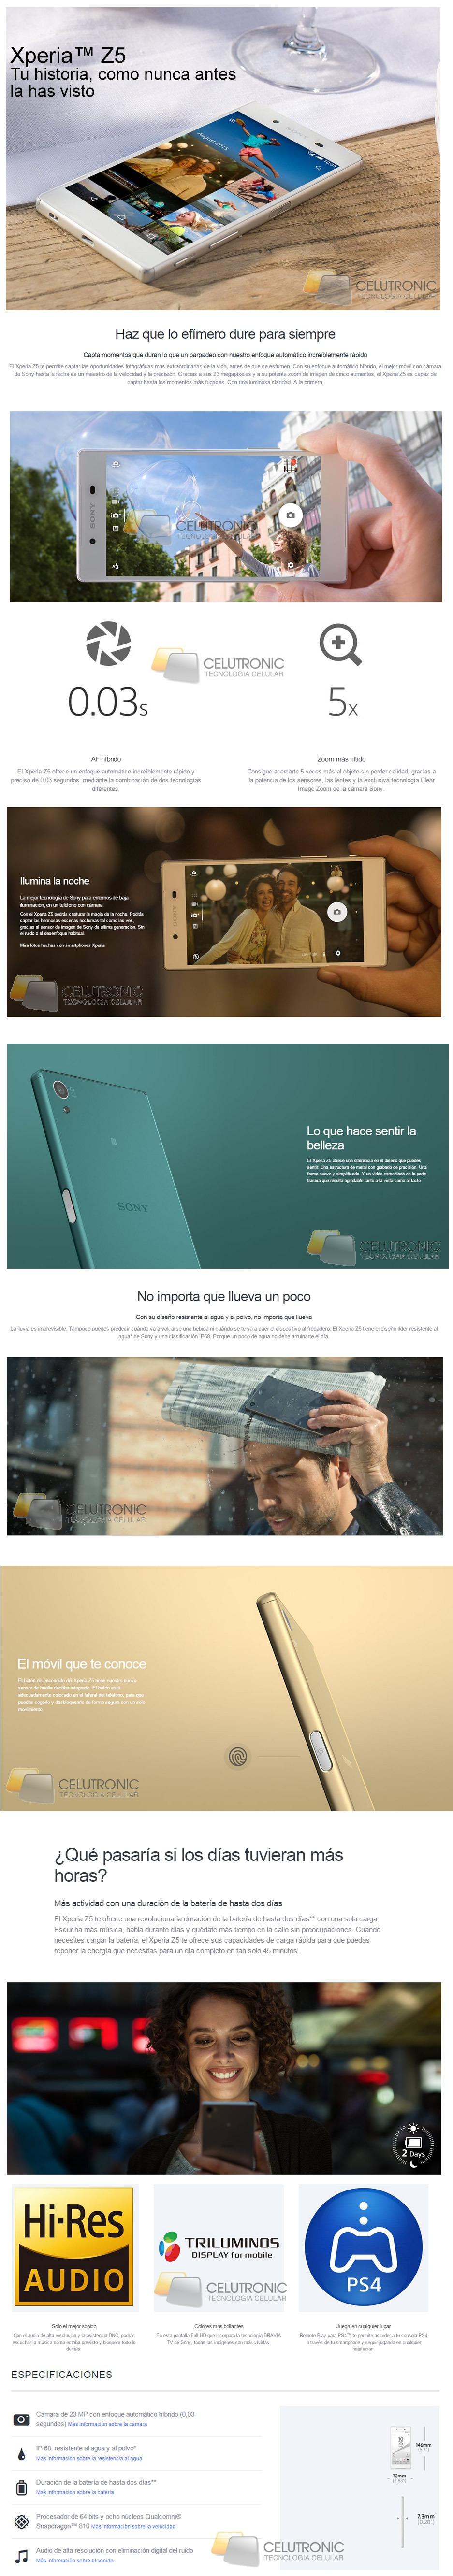 Sony Xperia Z5 Libre 4G LTe